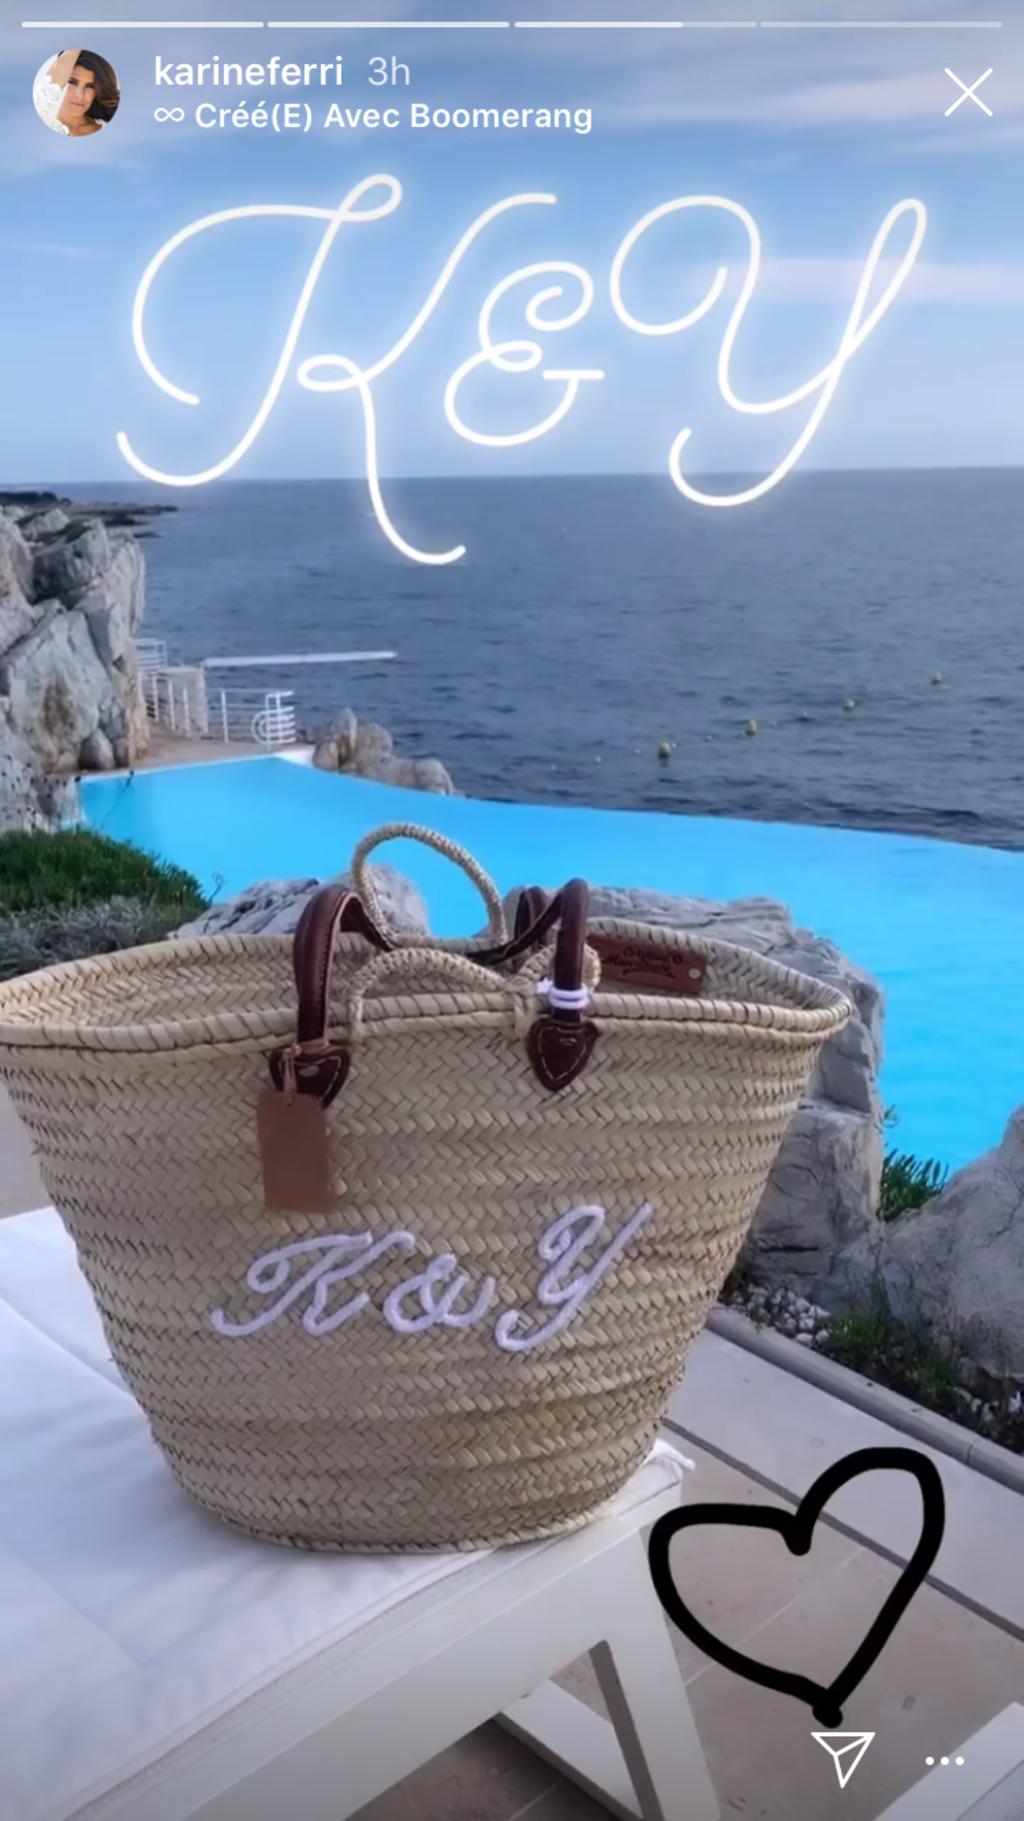 Karine Ferri amoureuse : Son adorable clin d'oeil à son mari Yoann Gourcuff